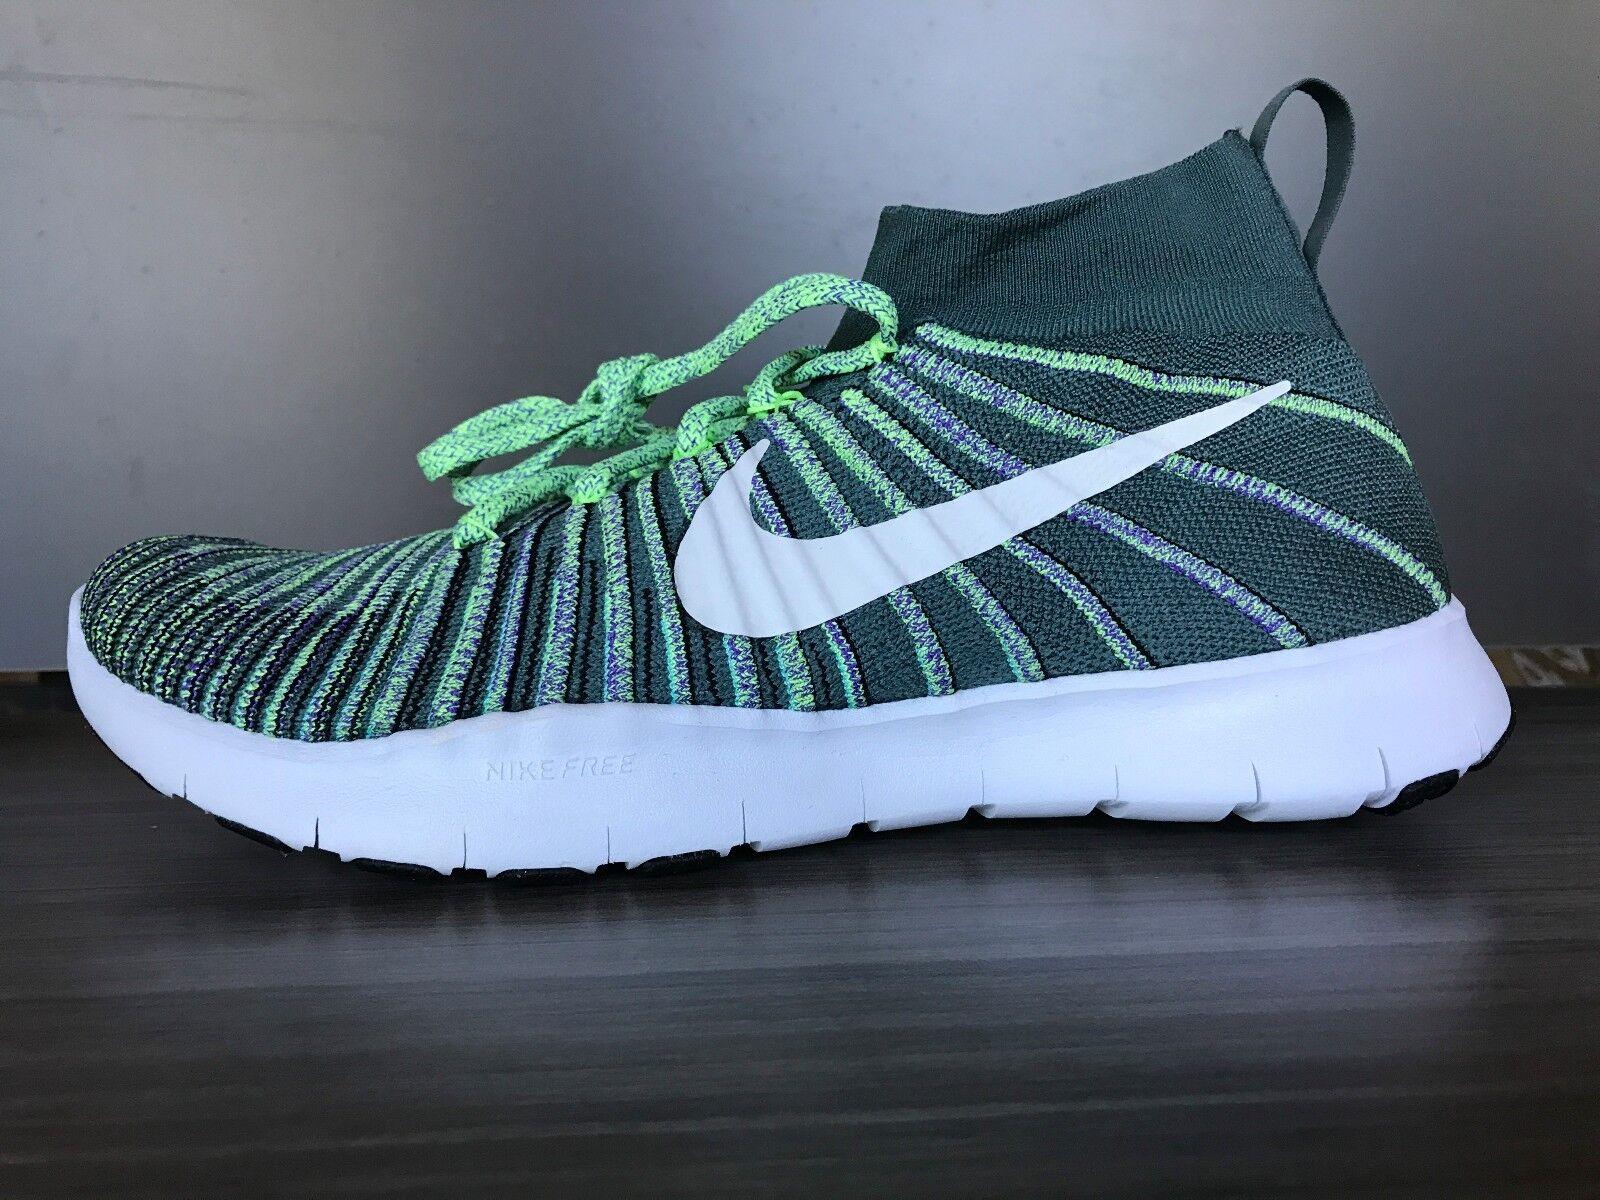 Nike Free tren fuerza Flyknit zapatos comodos modelo marca mas vendido de la marca modelo 31966f